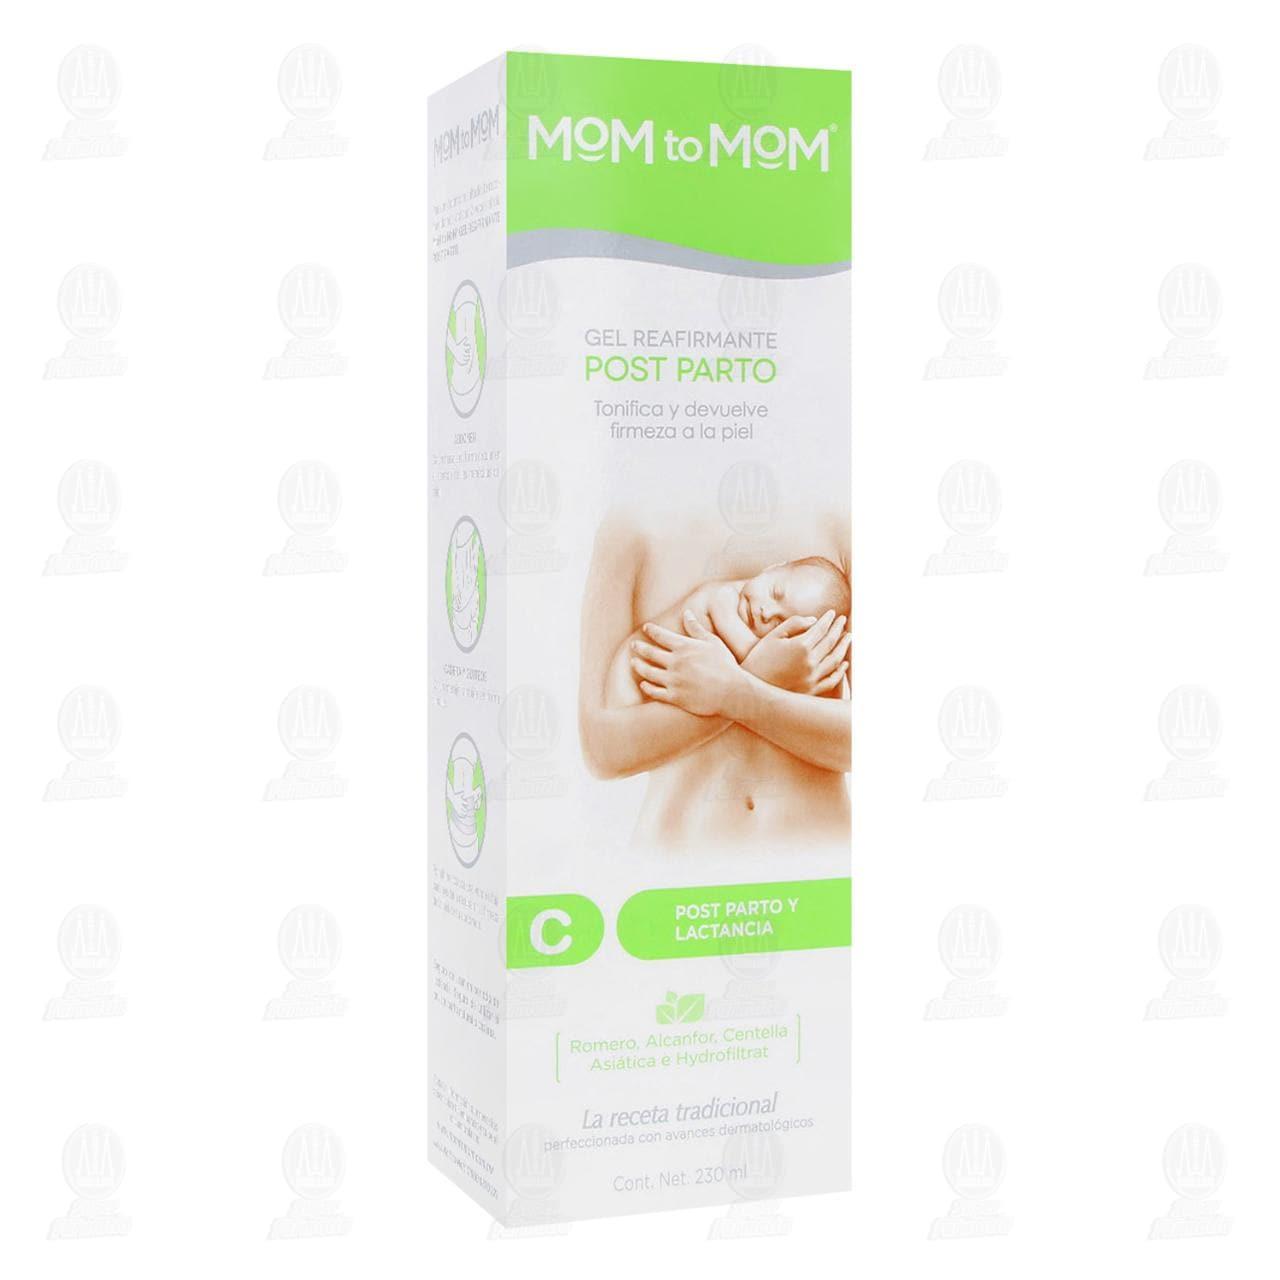 Comprar Mom to Mom Gel Reafirmante Post Parto, 230ml. en Farmacias Guadalajara